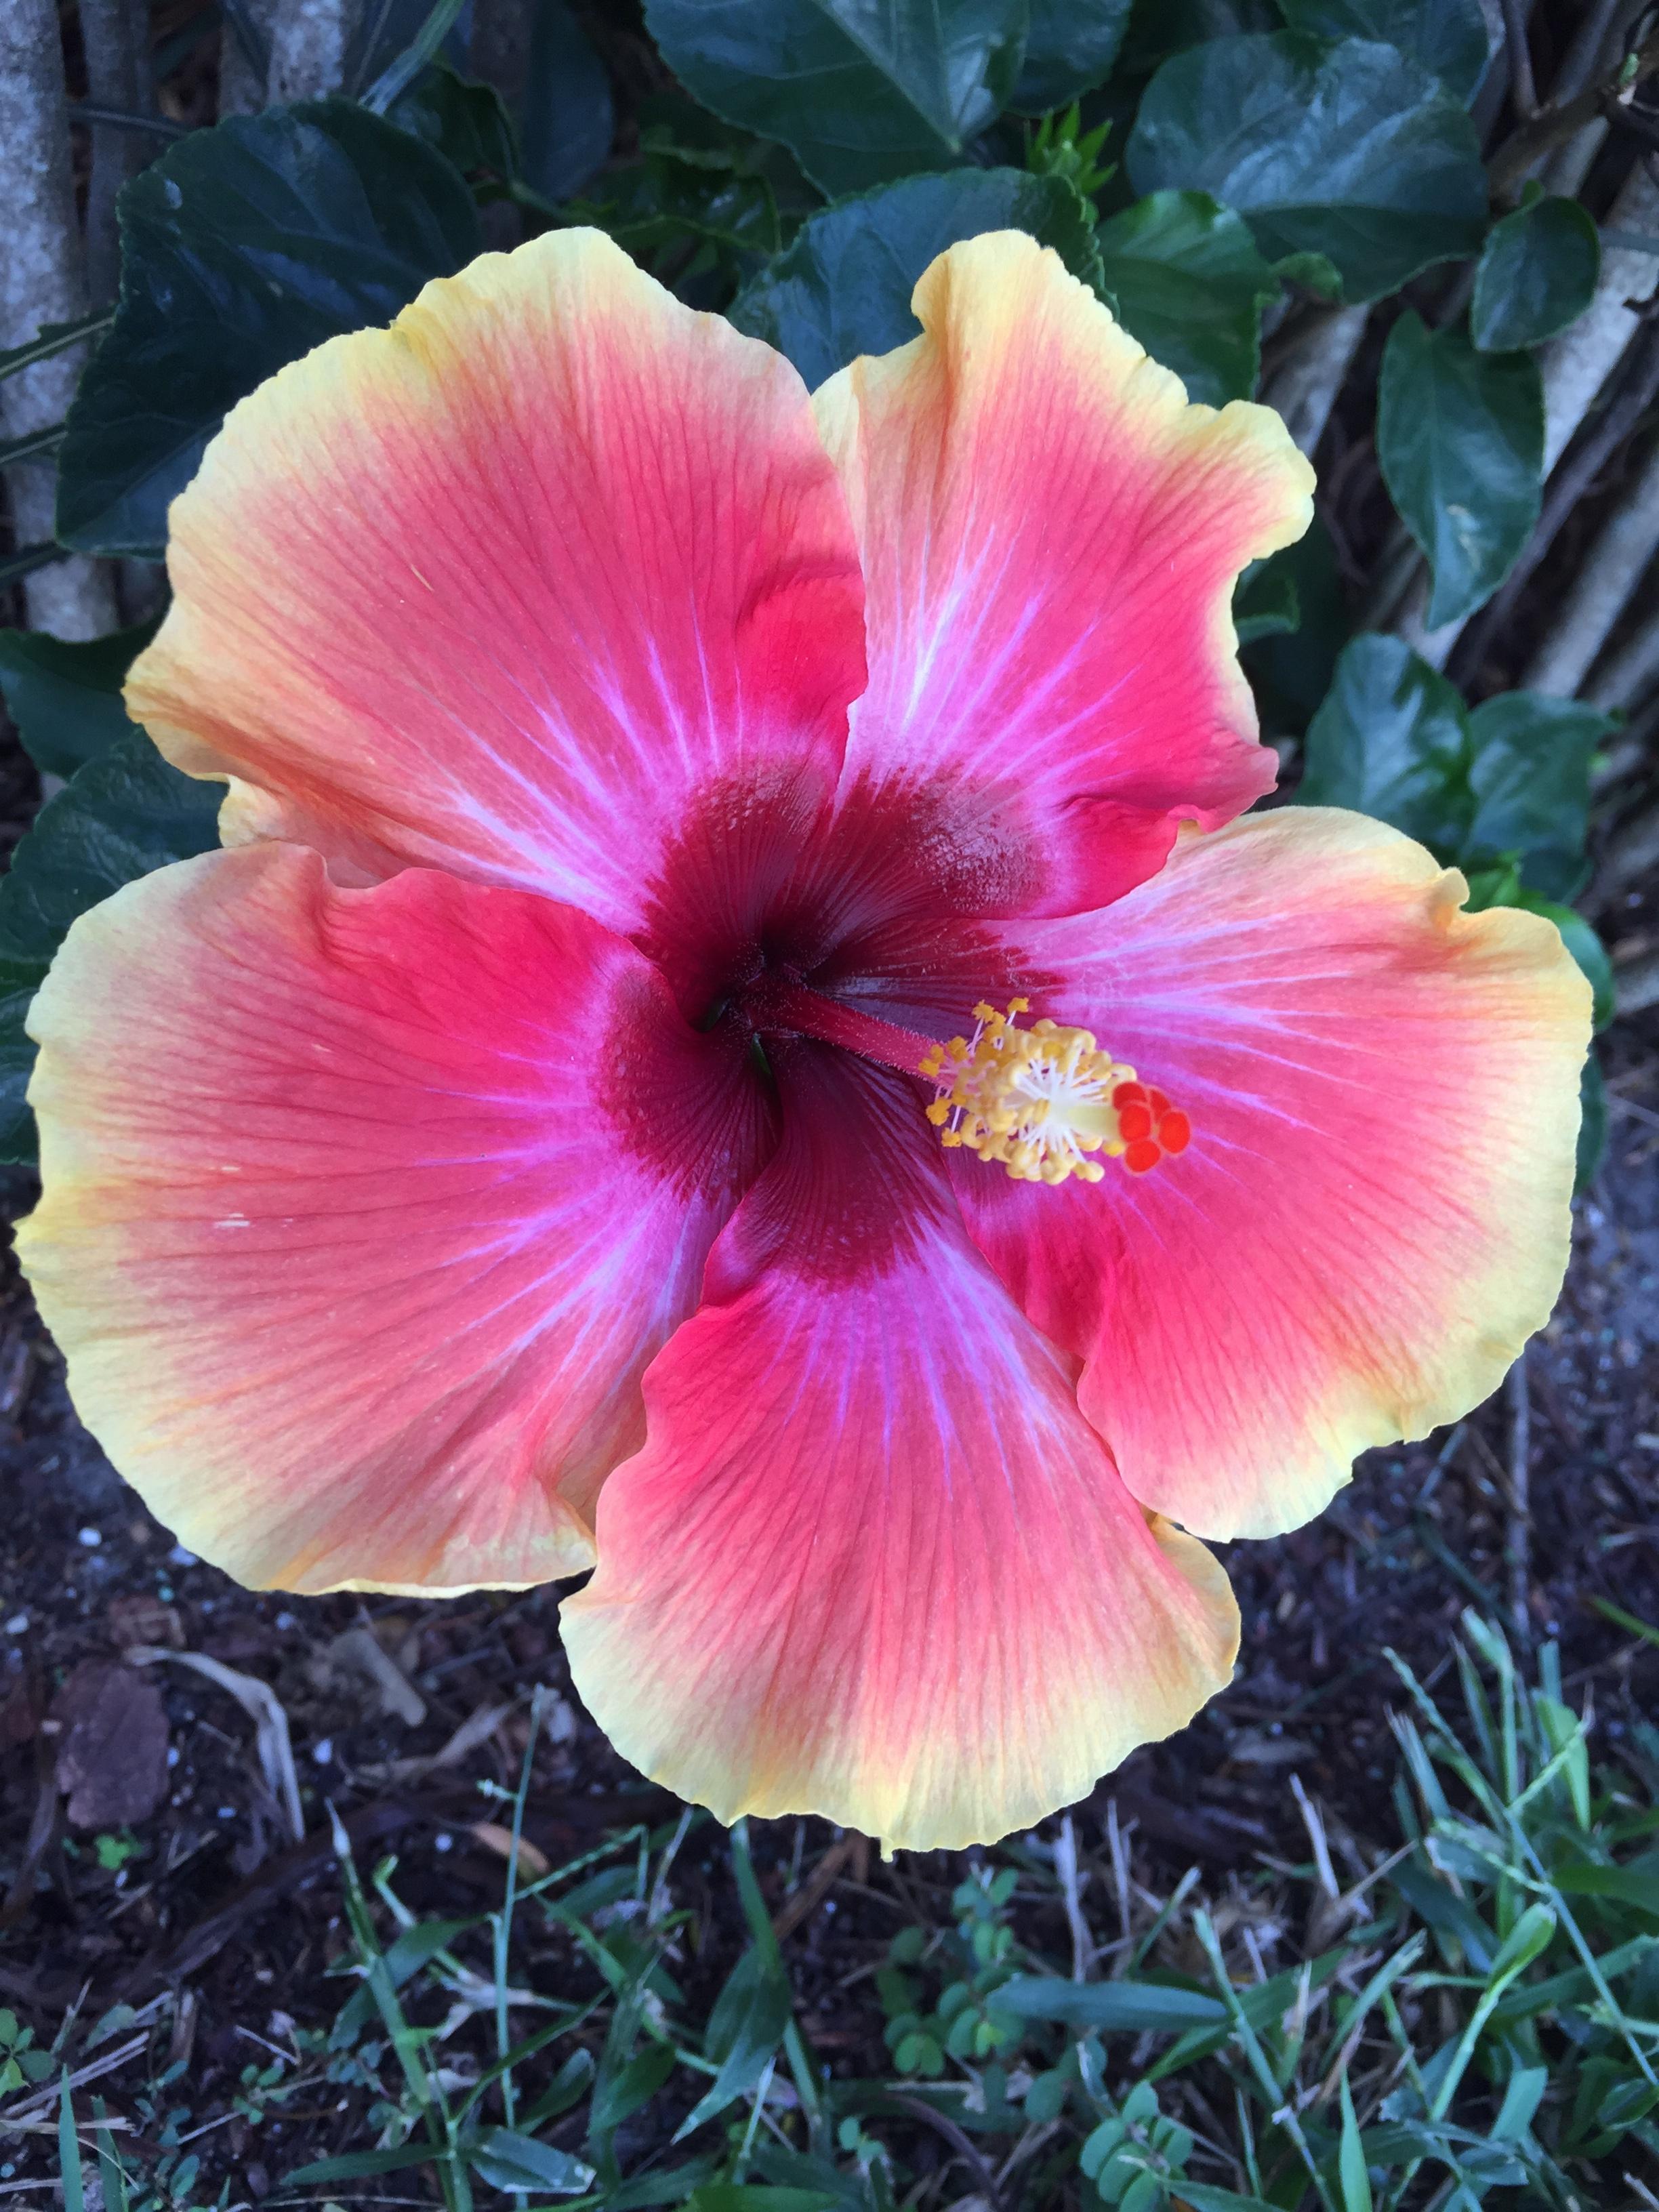 Free Images Nature Petal Botany Garden Flora Petals Pistil